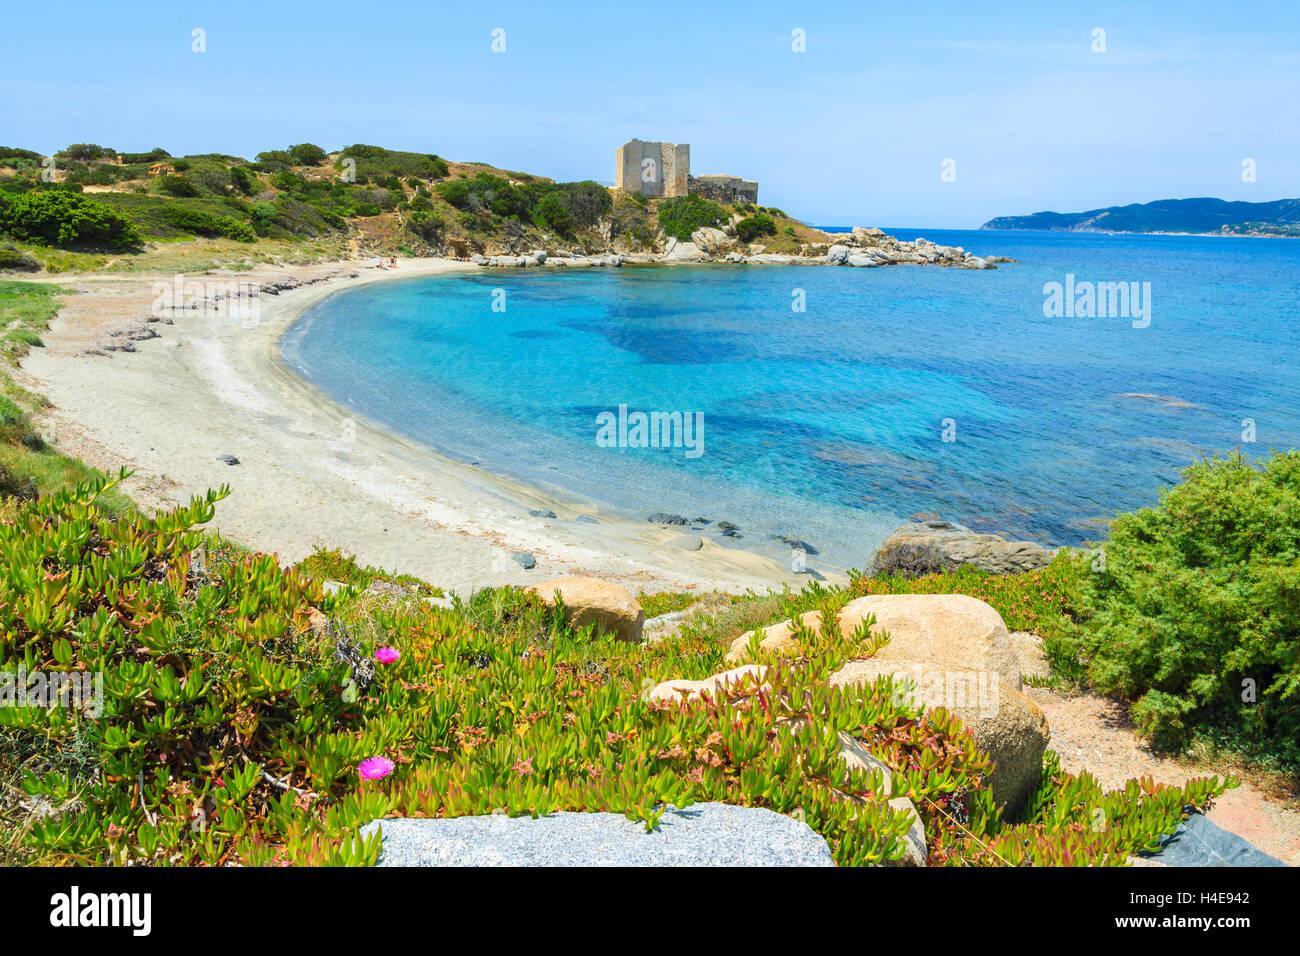 Spiaggia Con Mare Azzurro E Il Castello Di Sfondo Nei Pressi Di